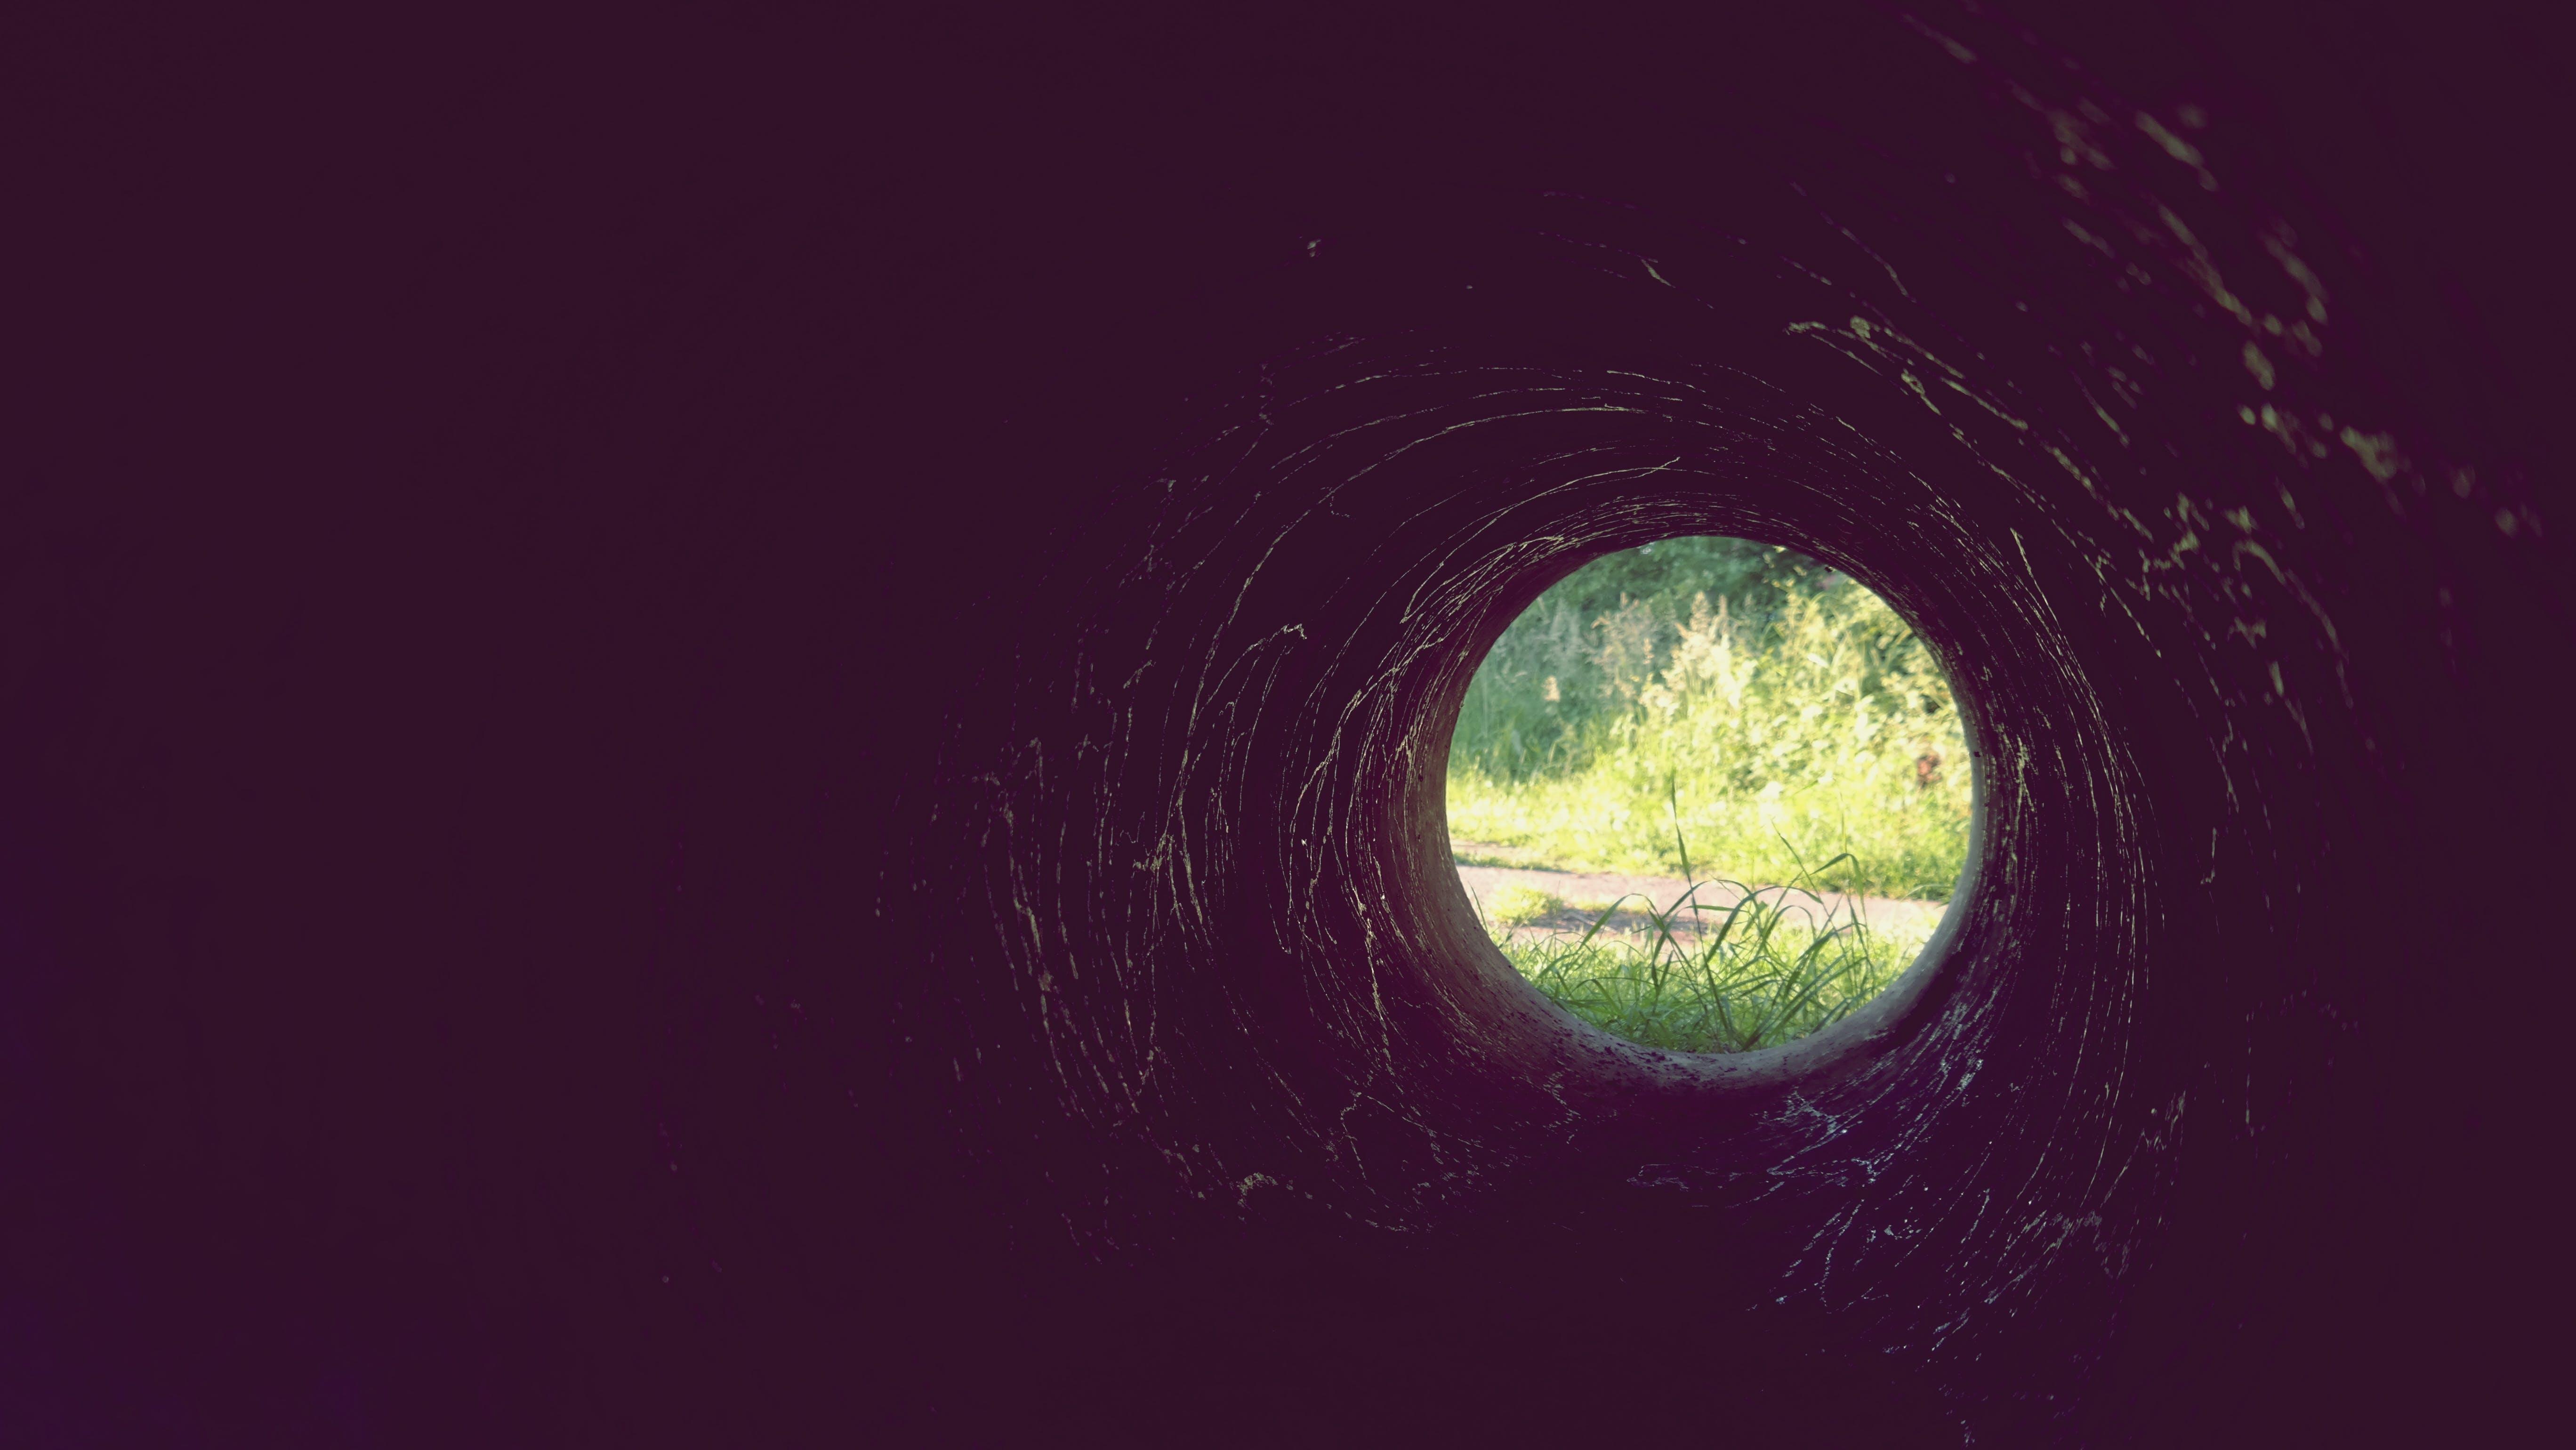 경치, 어두운, 우주, 잔디의 무료 스톡 사진